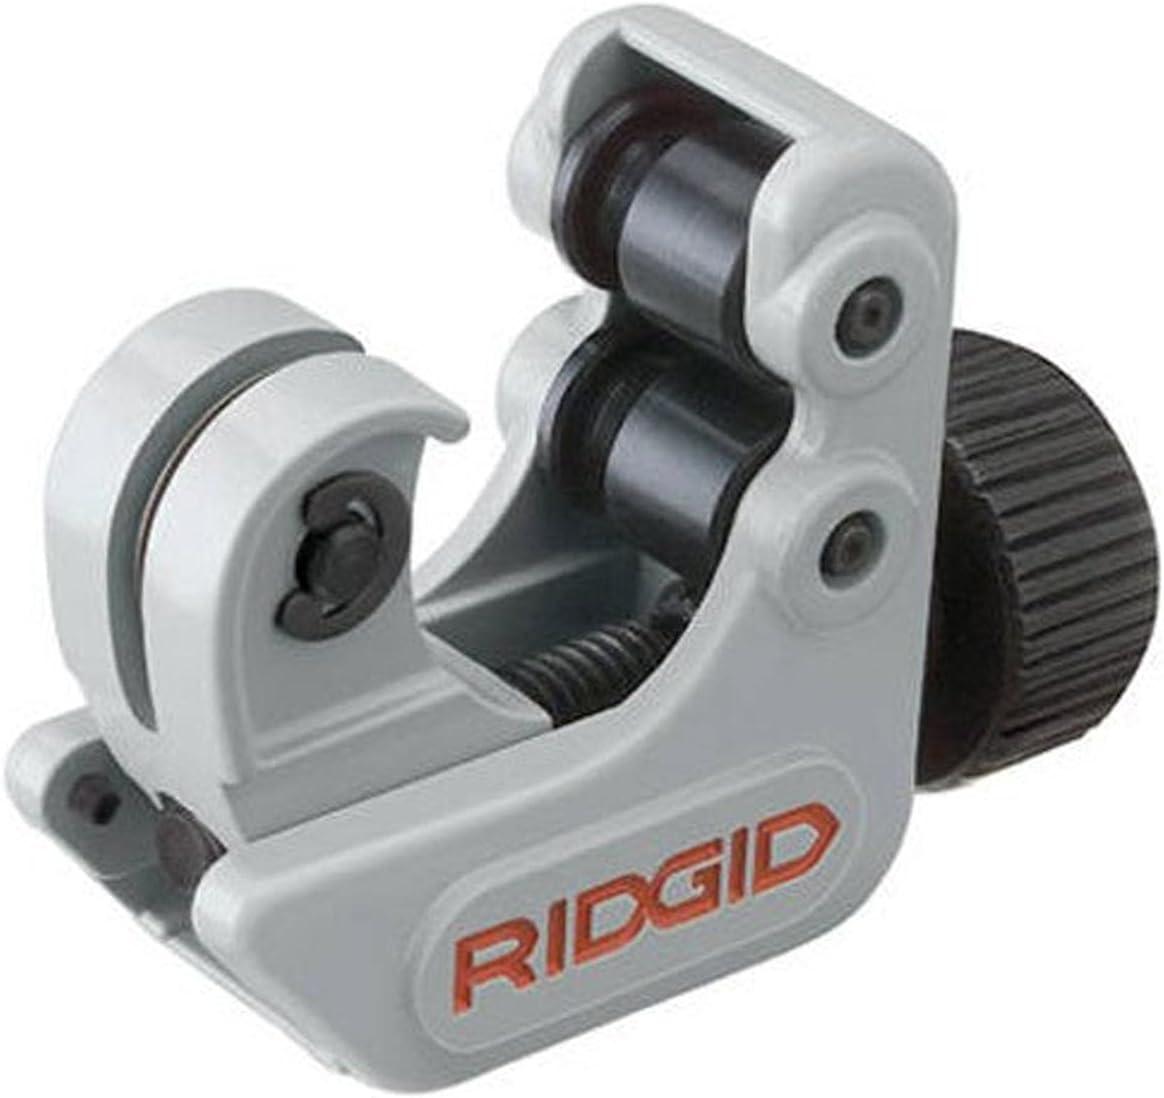 Ridgid - CC247 RIDGID 40617 Model 101 Close Quarters Tubing Cutter, 1/4-inch to 1-1/8-inch Tube Cutter Silver - Pipe Cutter -